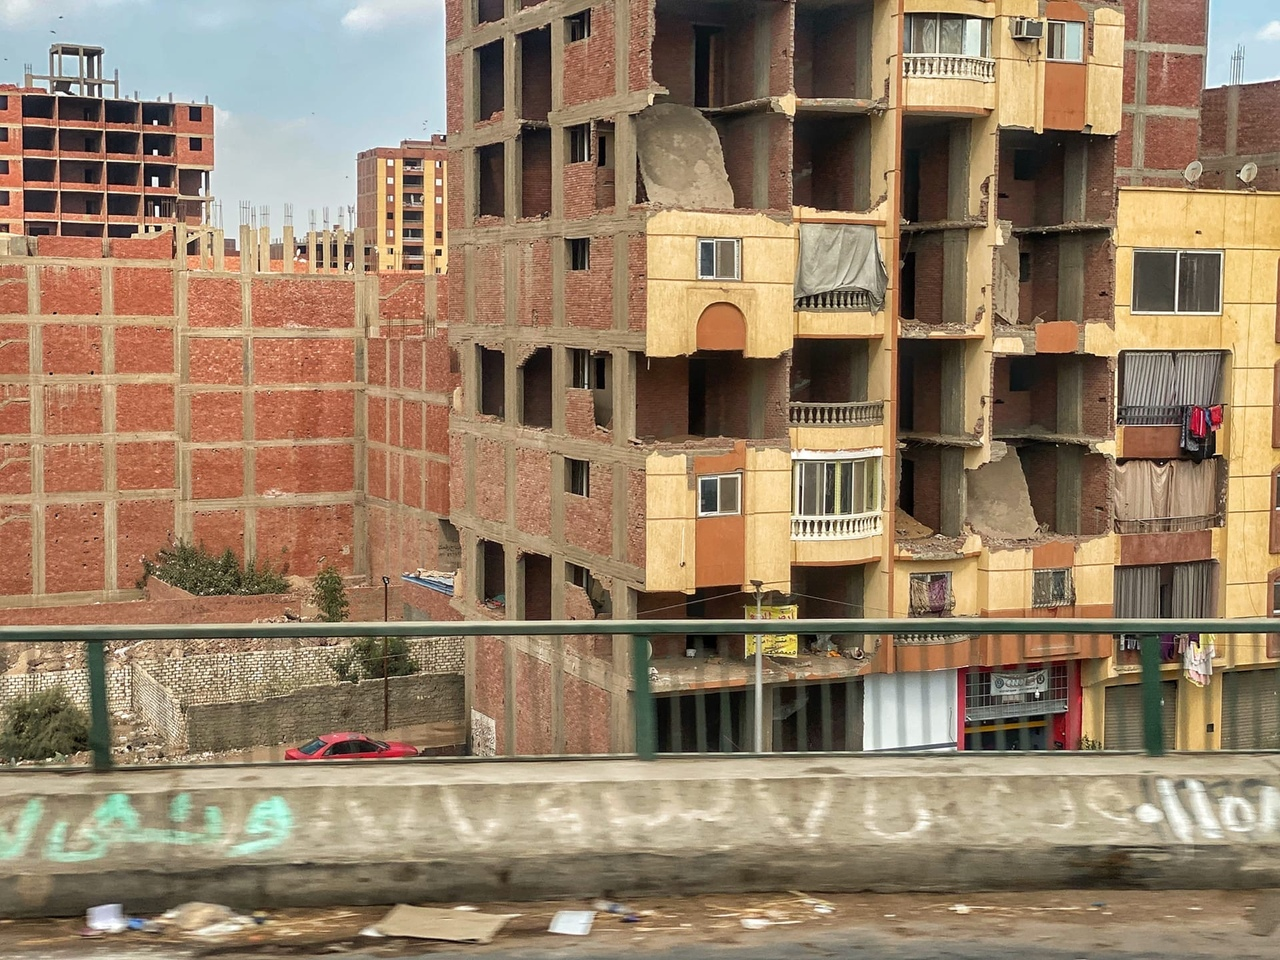 Каир - огромный, неопрятный, но очень колоритный. Город, я бы сказал, офигеть, каких контрастов.